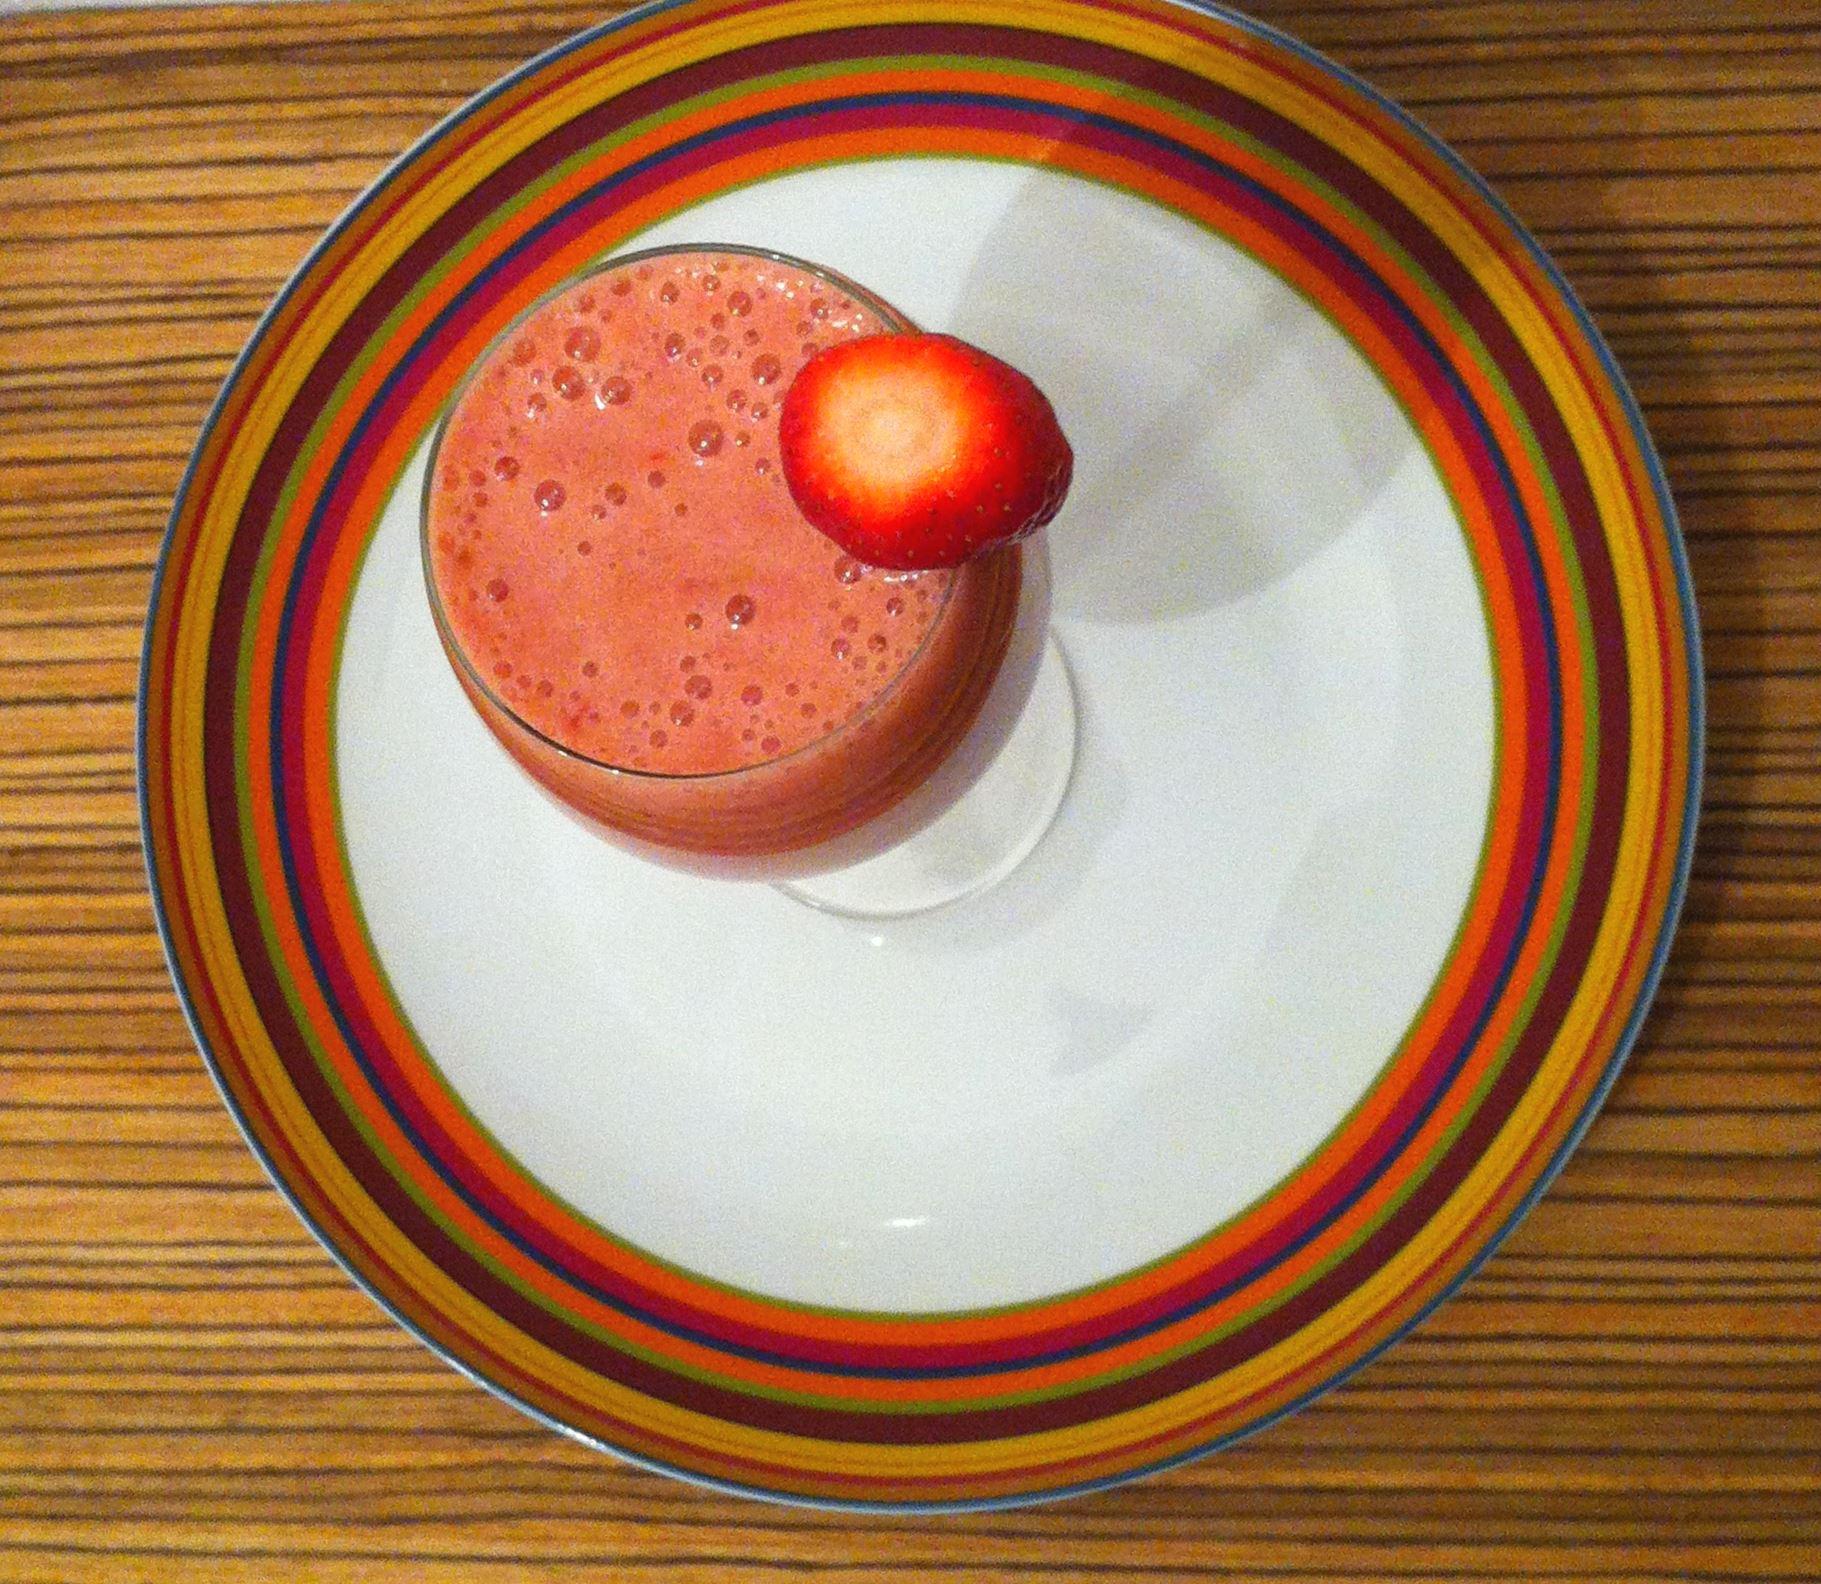 Fantasy smoothie with Strawberry banana & dates vegan recipes by Vegan Slaughterer Yaeli Shochat